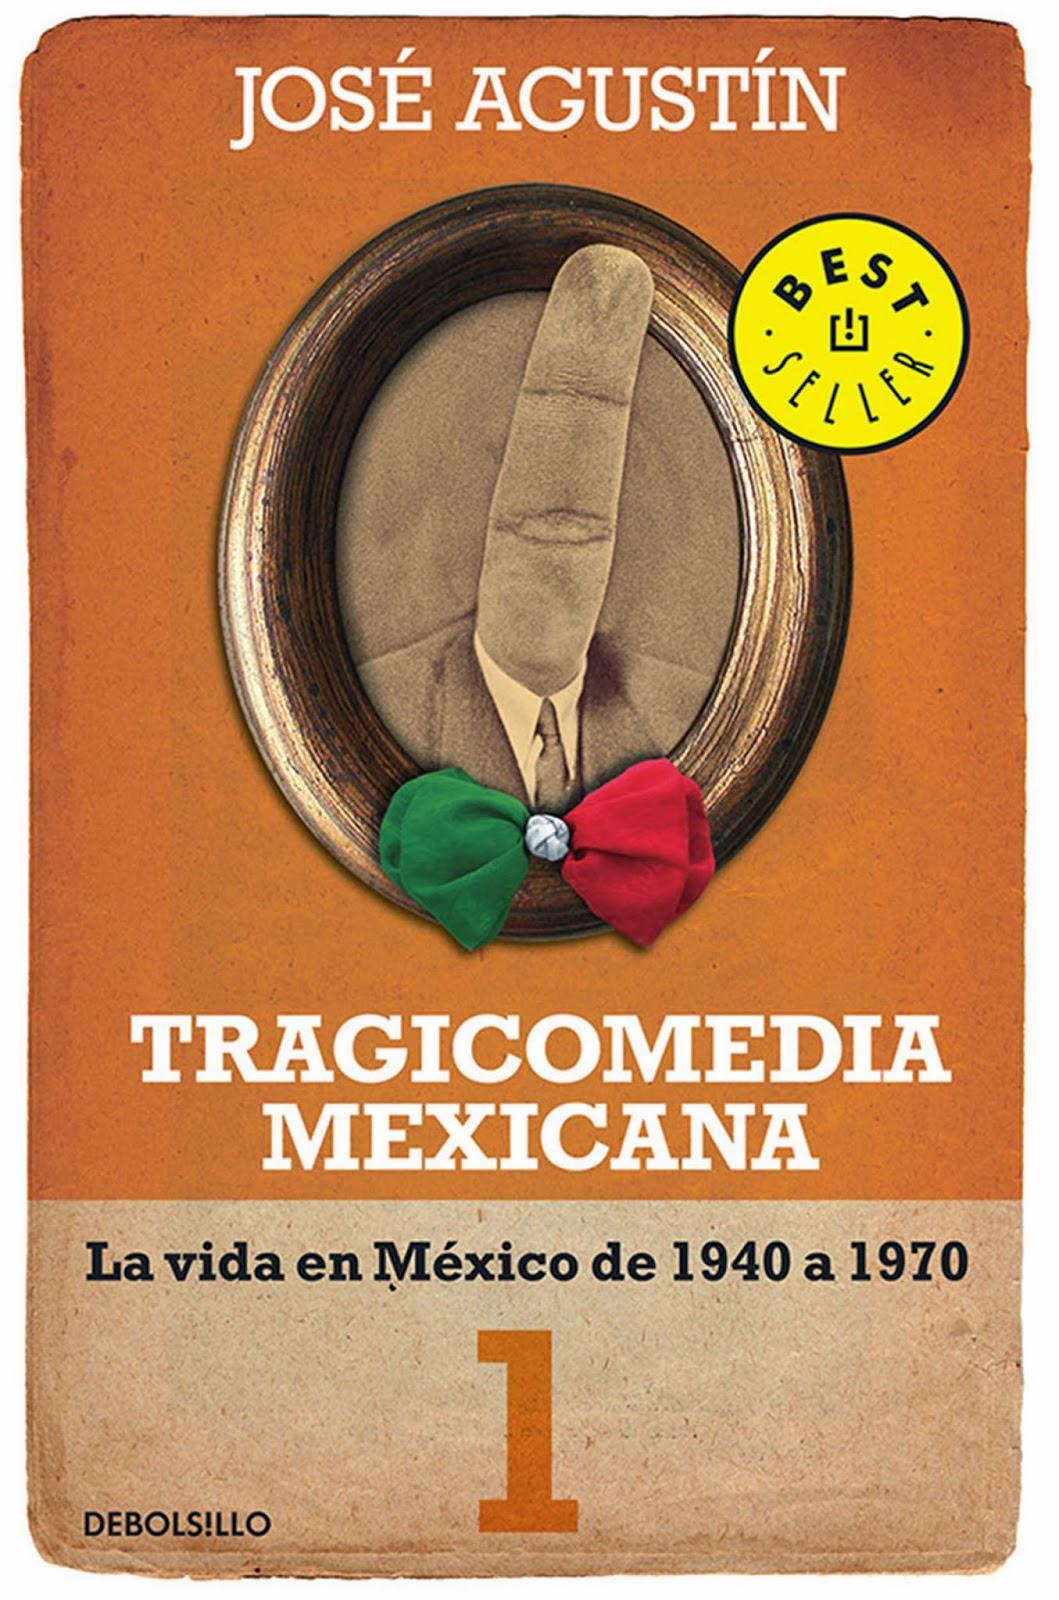 Tragicomedia Mexicana 1 - José Agustín